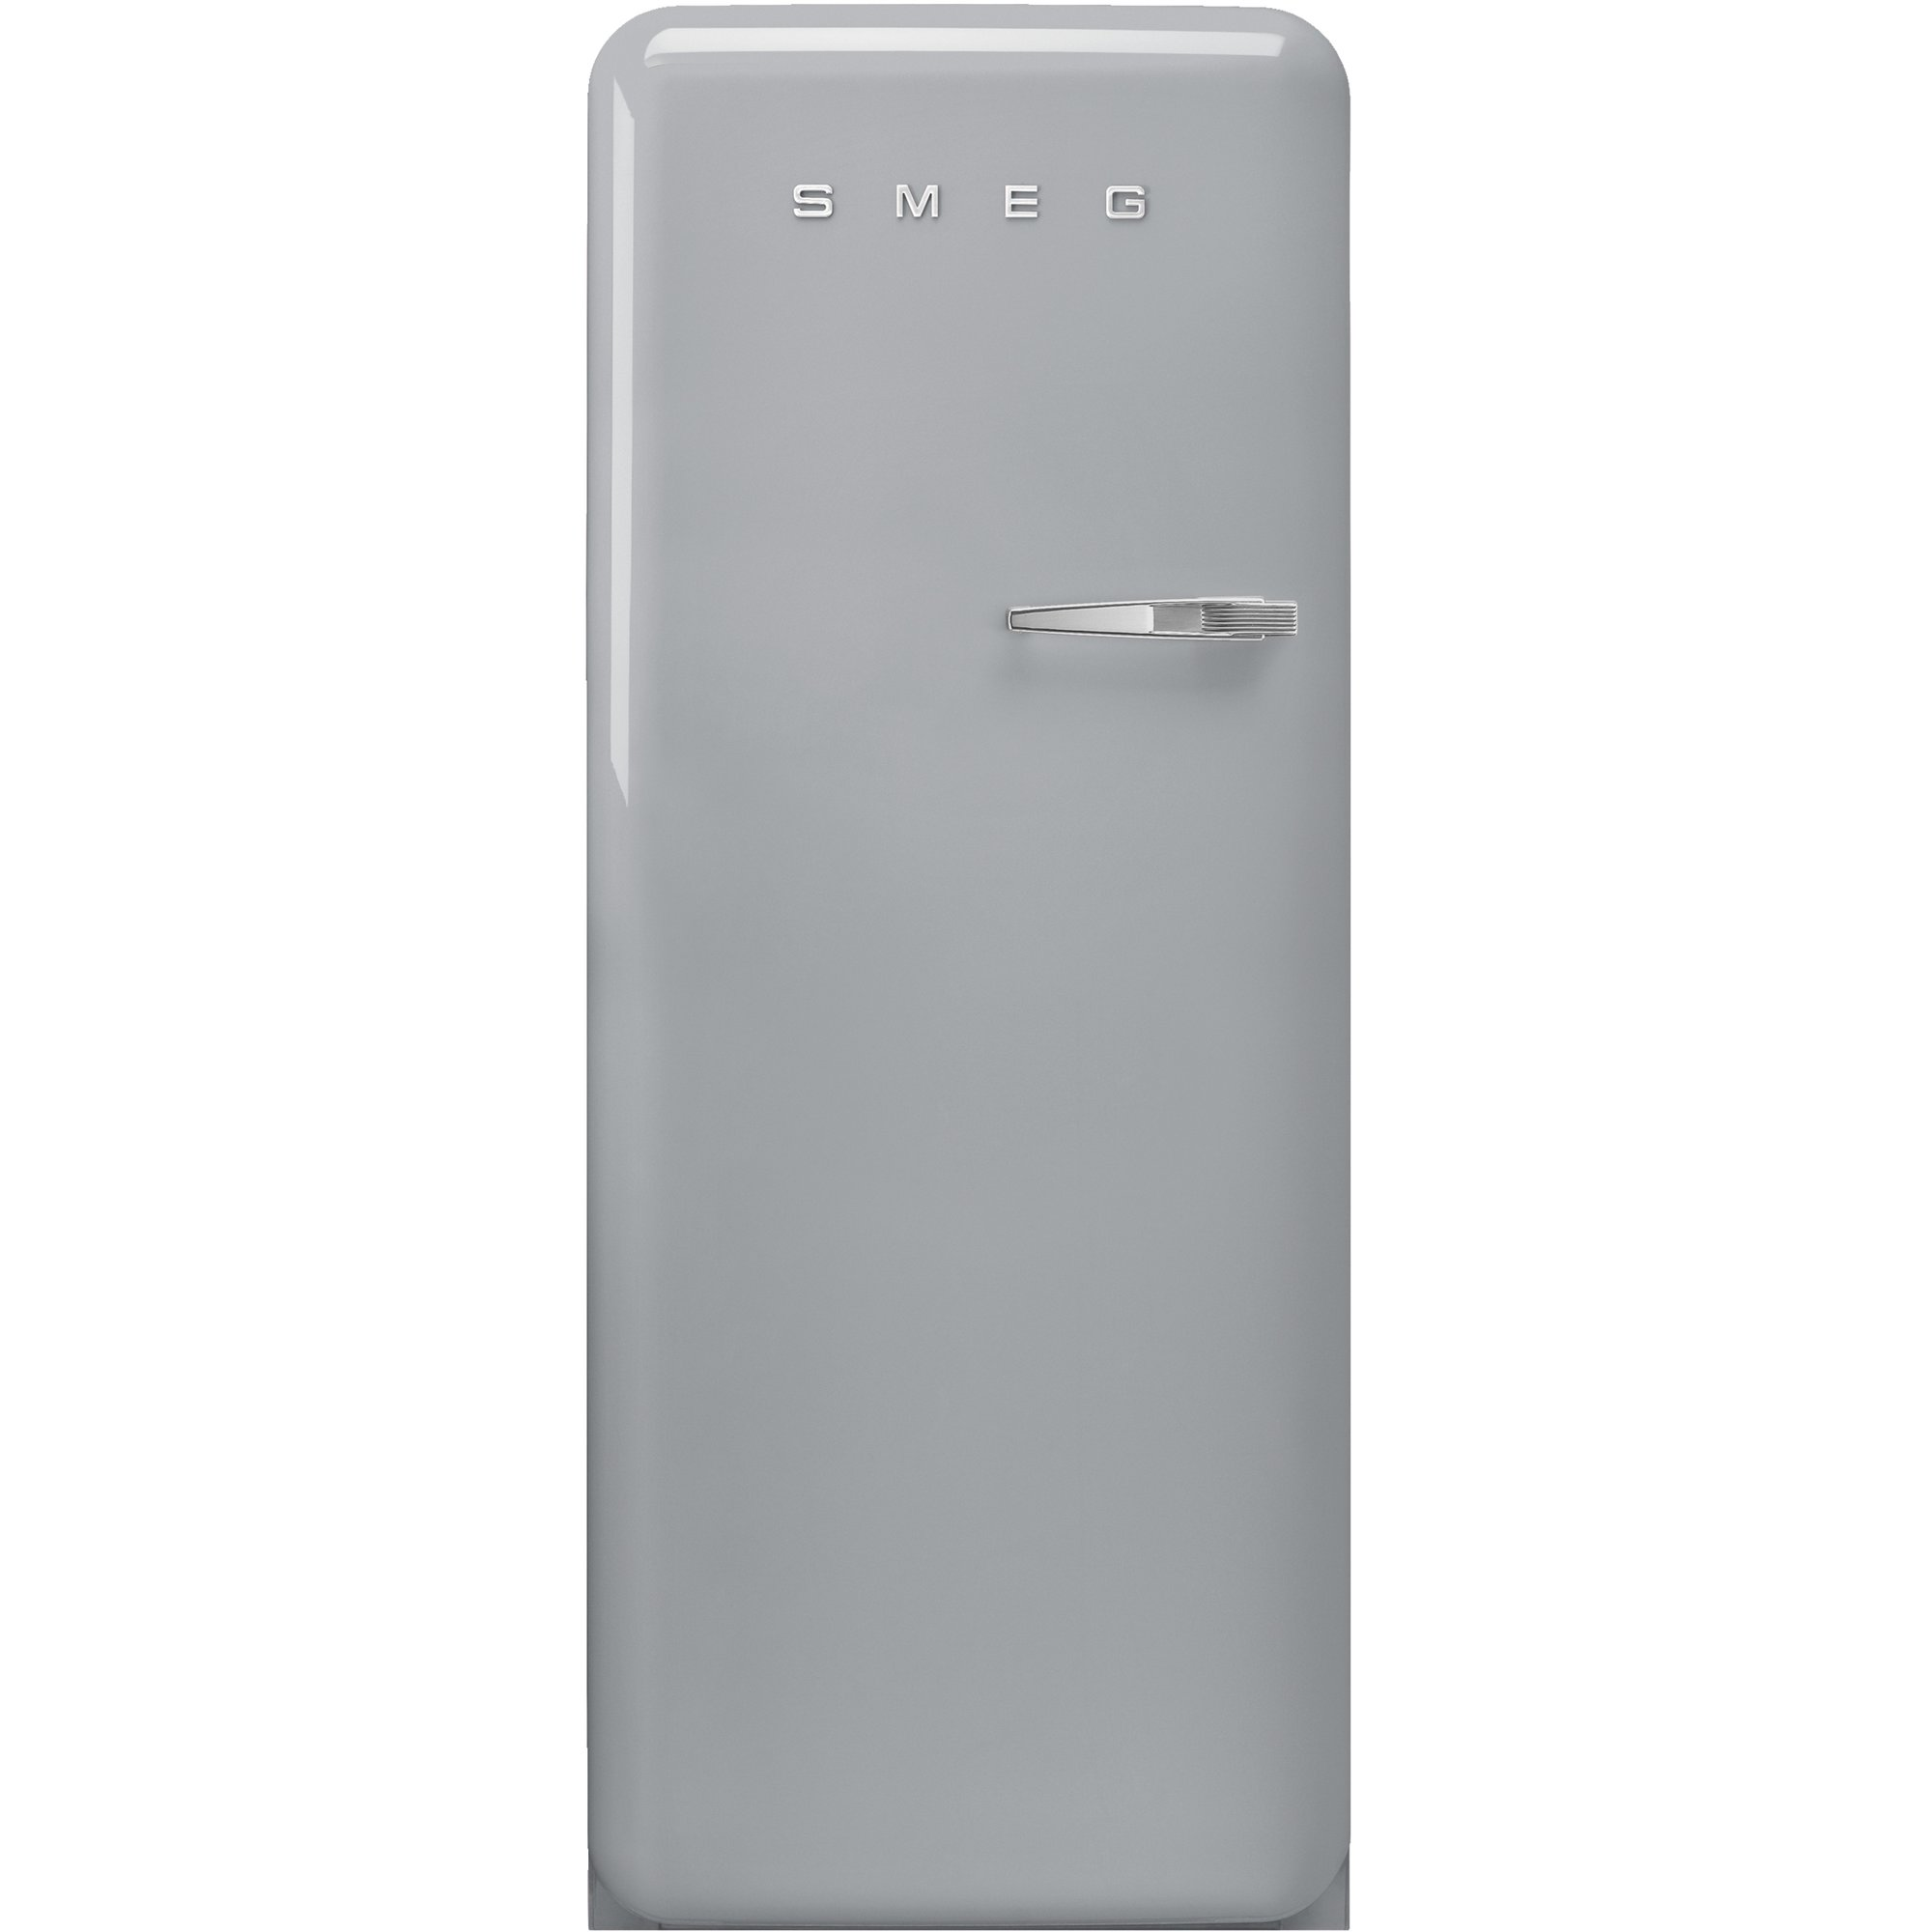 Smeg Vänsterhängt Kylskåp i 50-tals Retrodesign Silvergrå